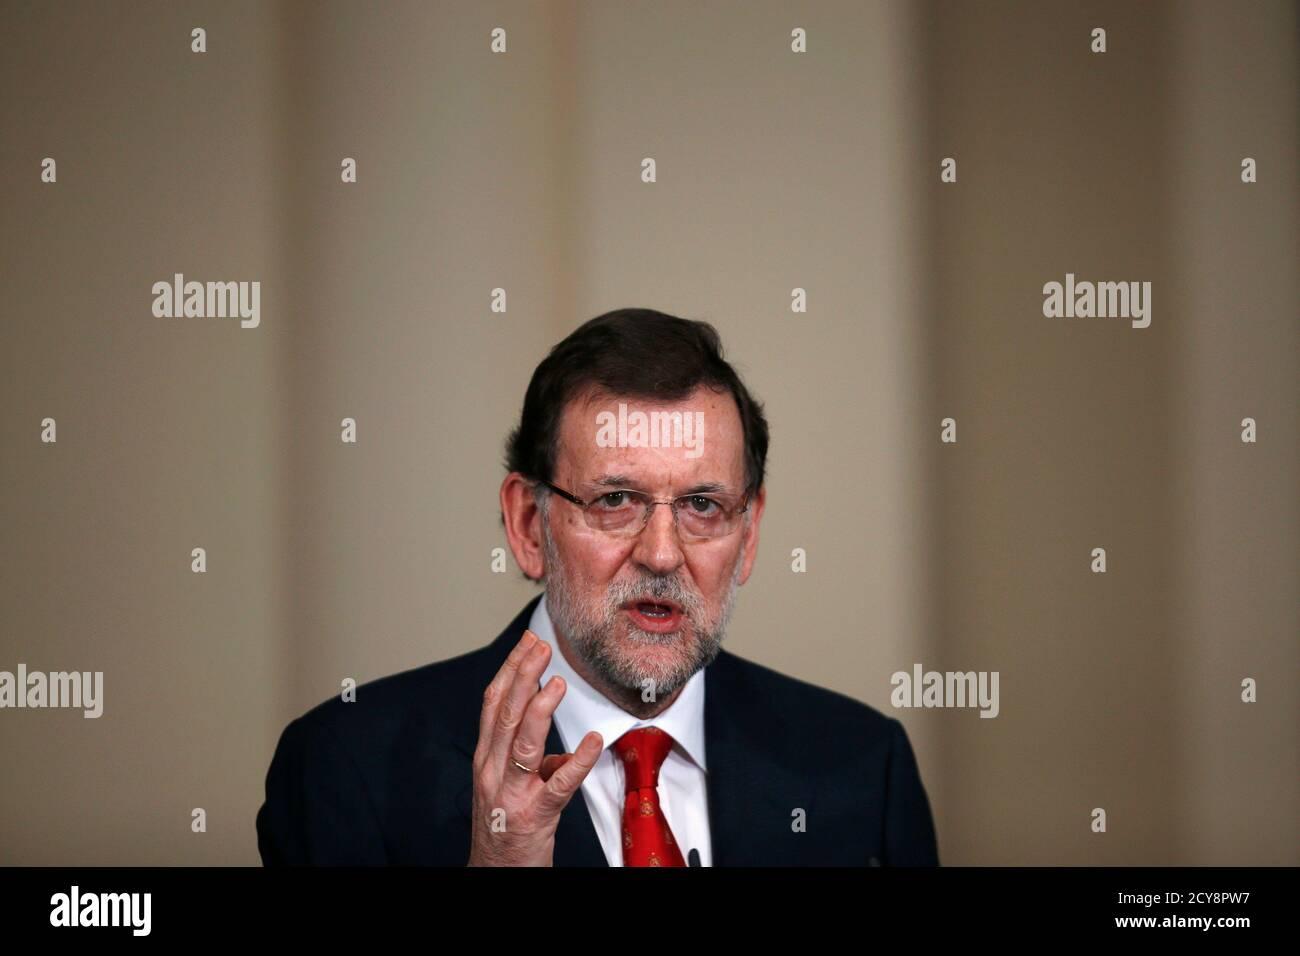 El primer ministro español, Mariano Rajoy, habla durante una presentación sobre entidades de acción social en el Palacio de Moncloa en Madrid el 11 de julio de 2013. El primer ministro español, Mariano Rajoy, puede resultar herido por las nuevas acusaciones de corrupción contra su Partido Popular, pero el gobierno es lo suficientemente fuerte como para hacer frente a la tormenta, dicen analistas y fuentes. REUTERS/Juan Medina (ESPAÑA - Tags: POLÍTICA) Foto de stock